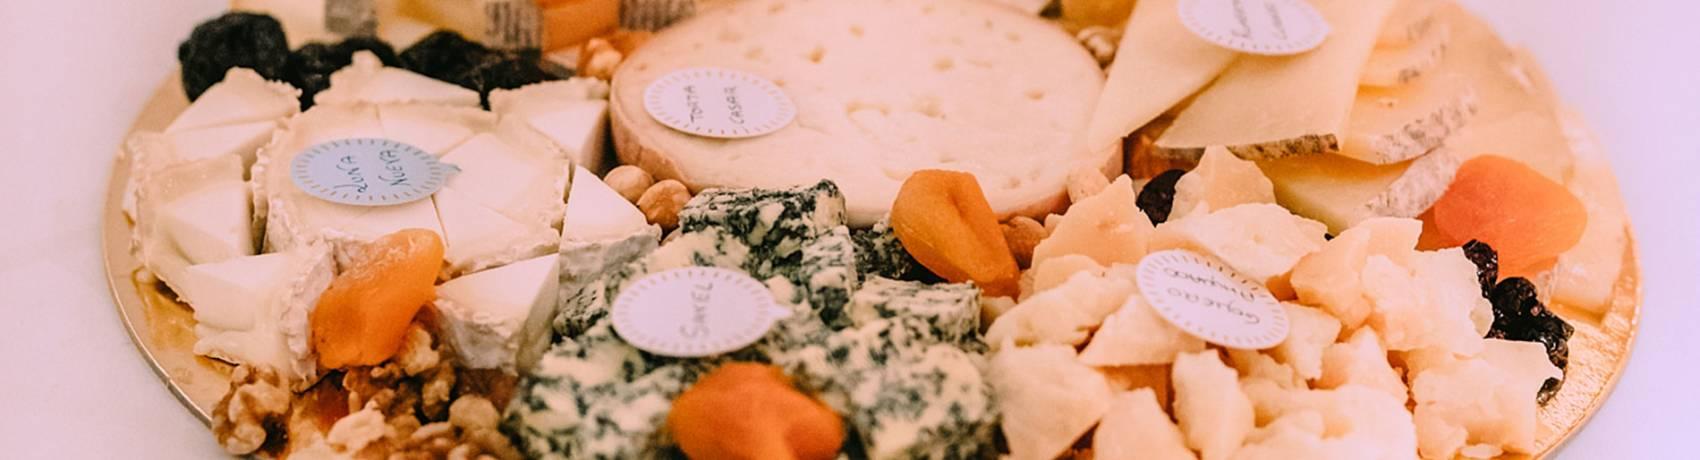 dieta cetosisgenica queso mantecoso